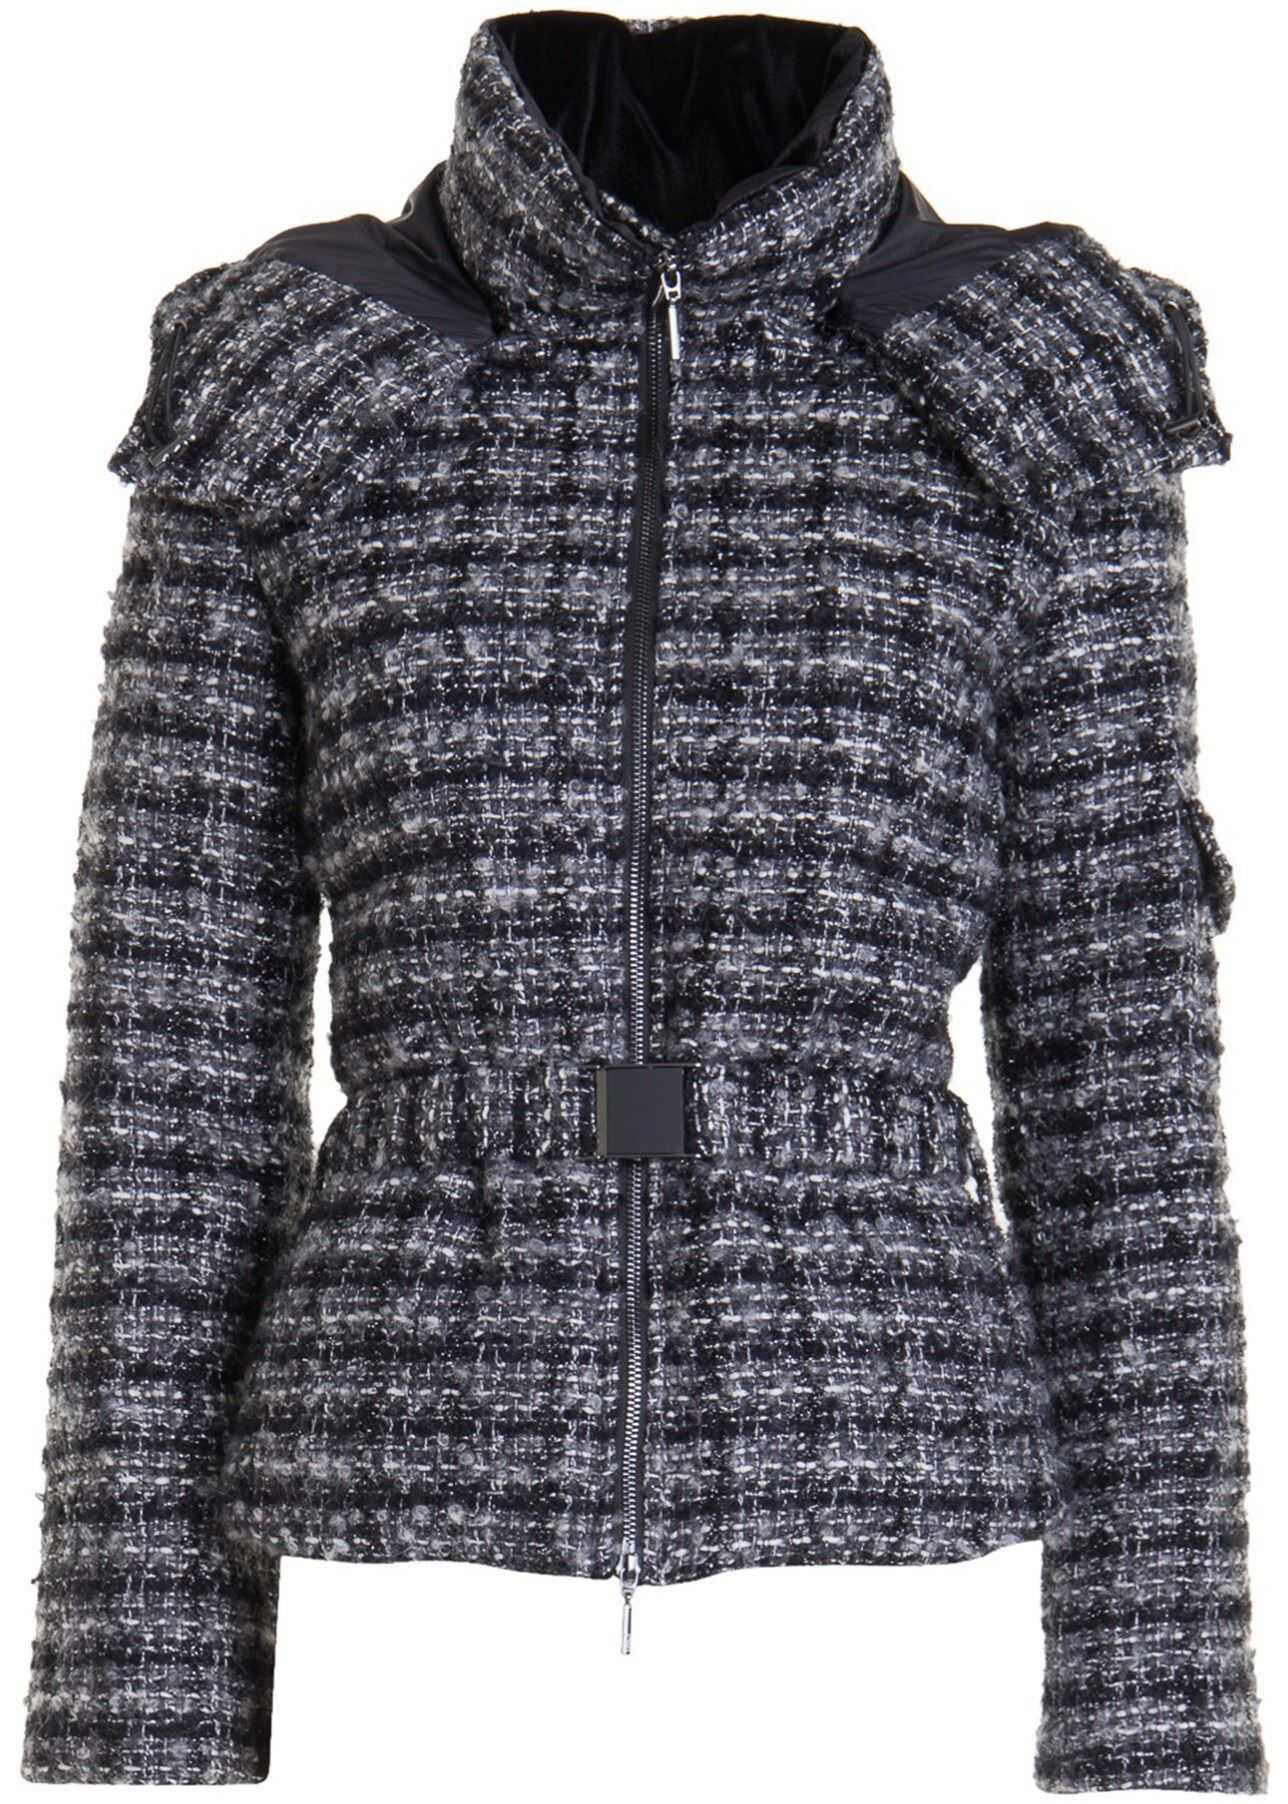 Wool Blend Hooded Jacket